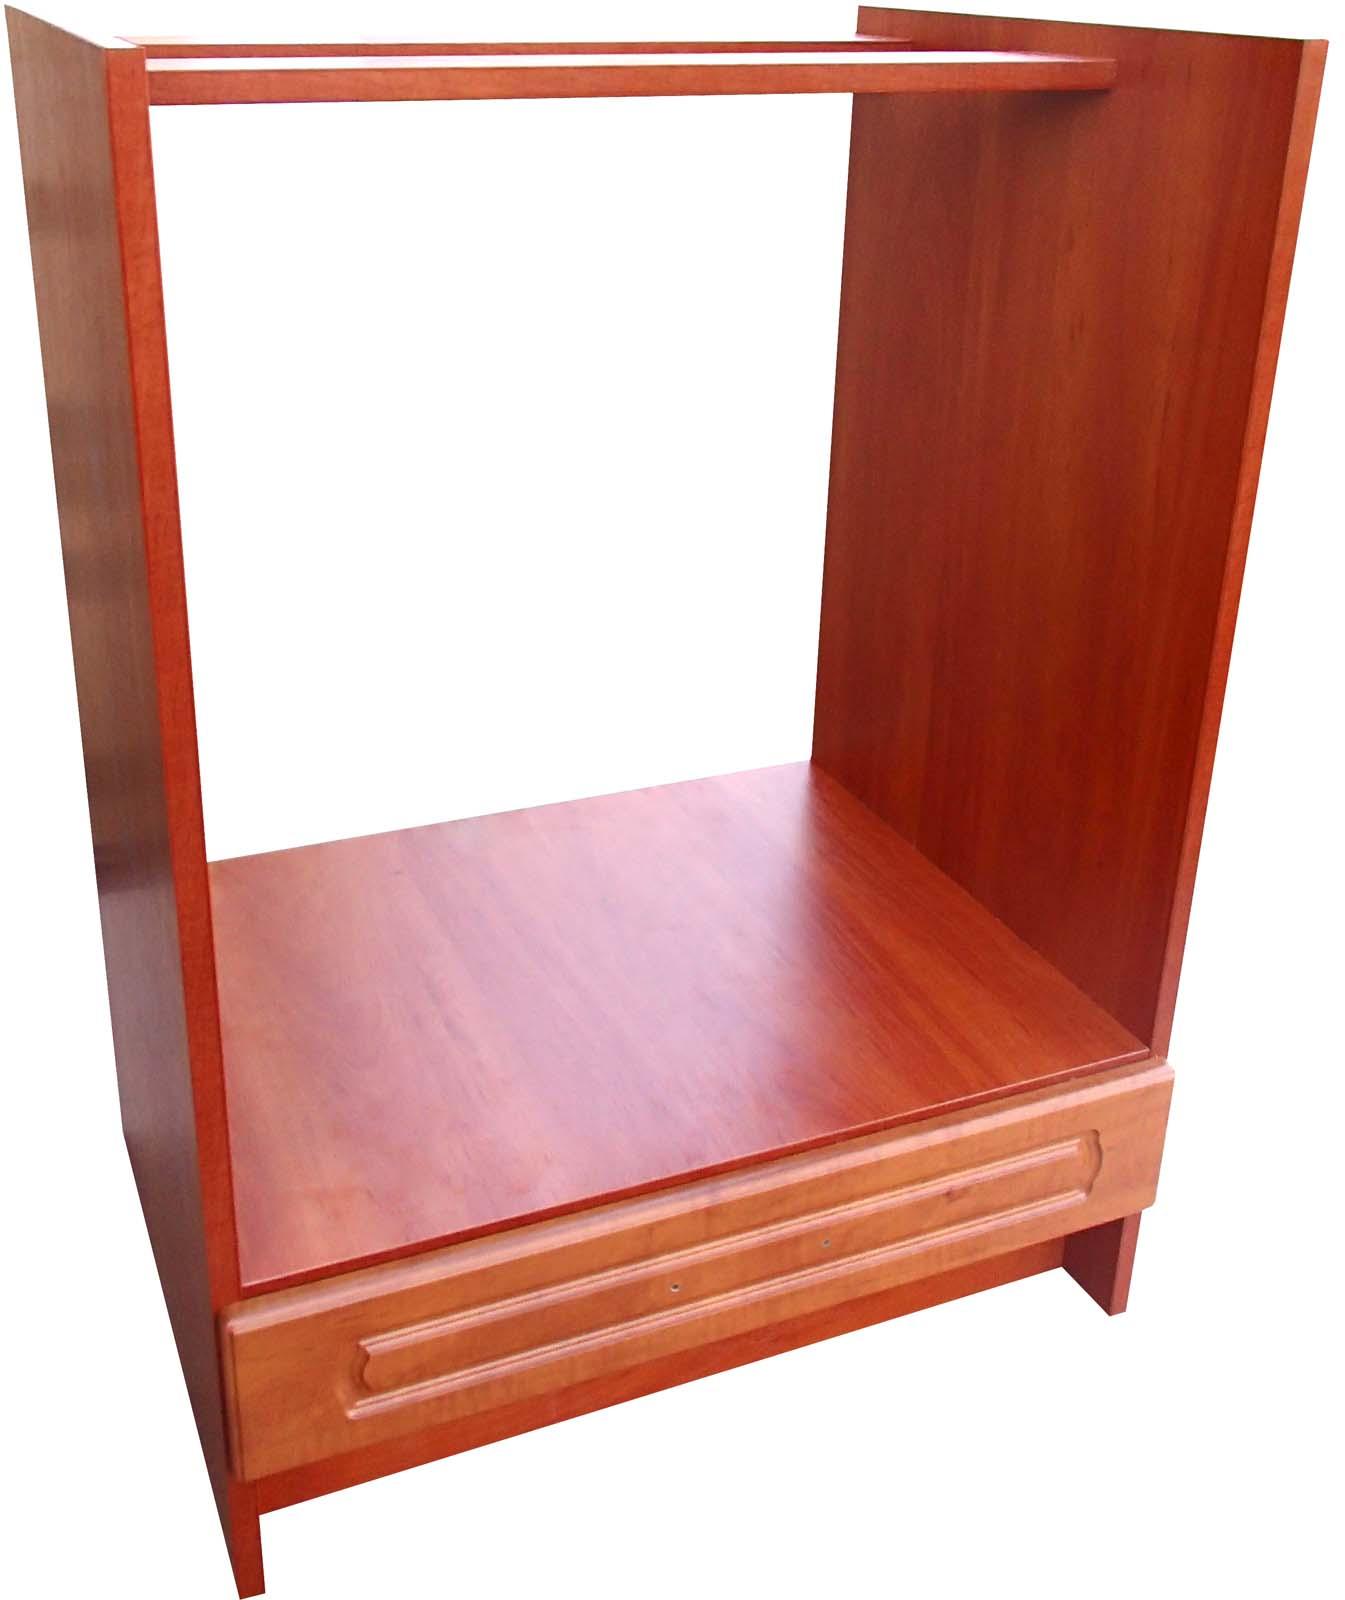 Kuchyňská skříňka spodní pro vestavbu 60 cm kalvádos